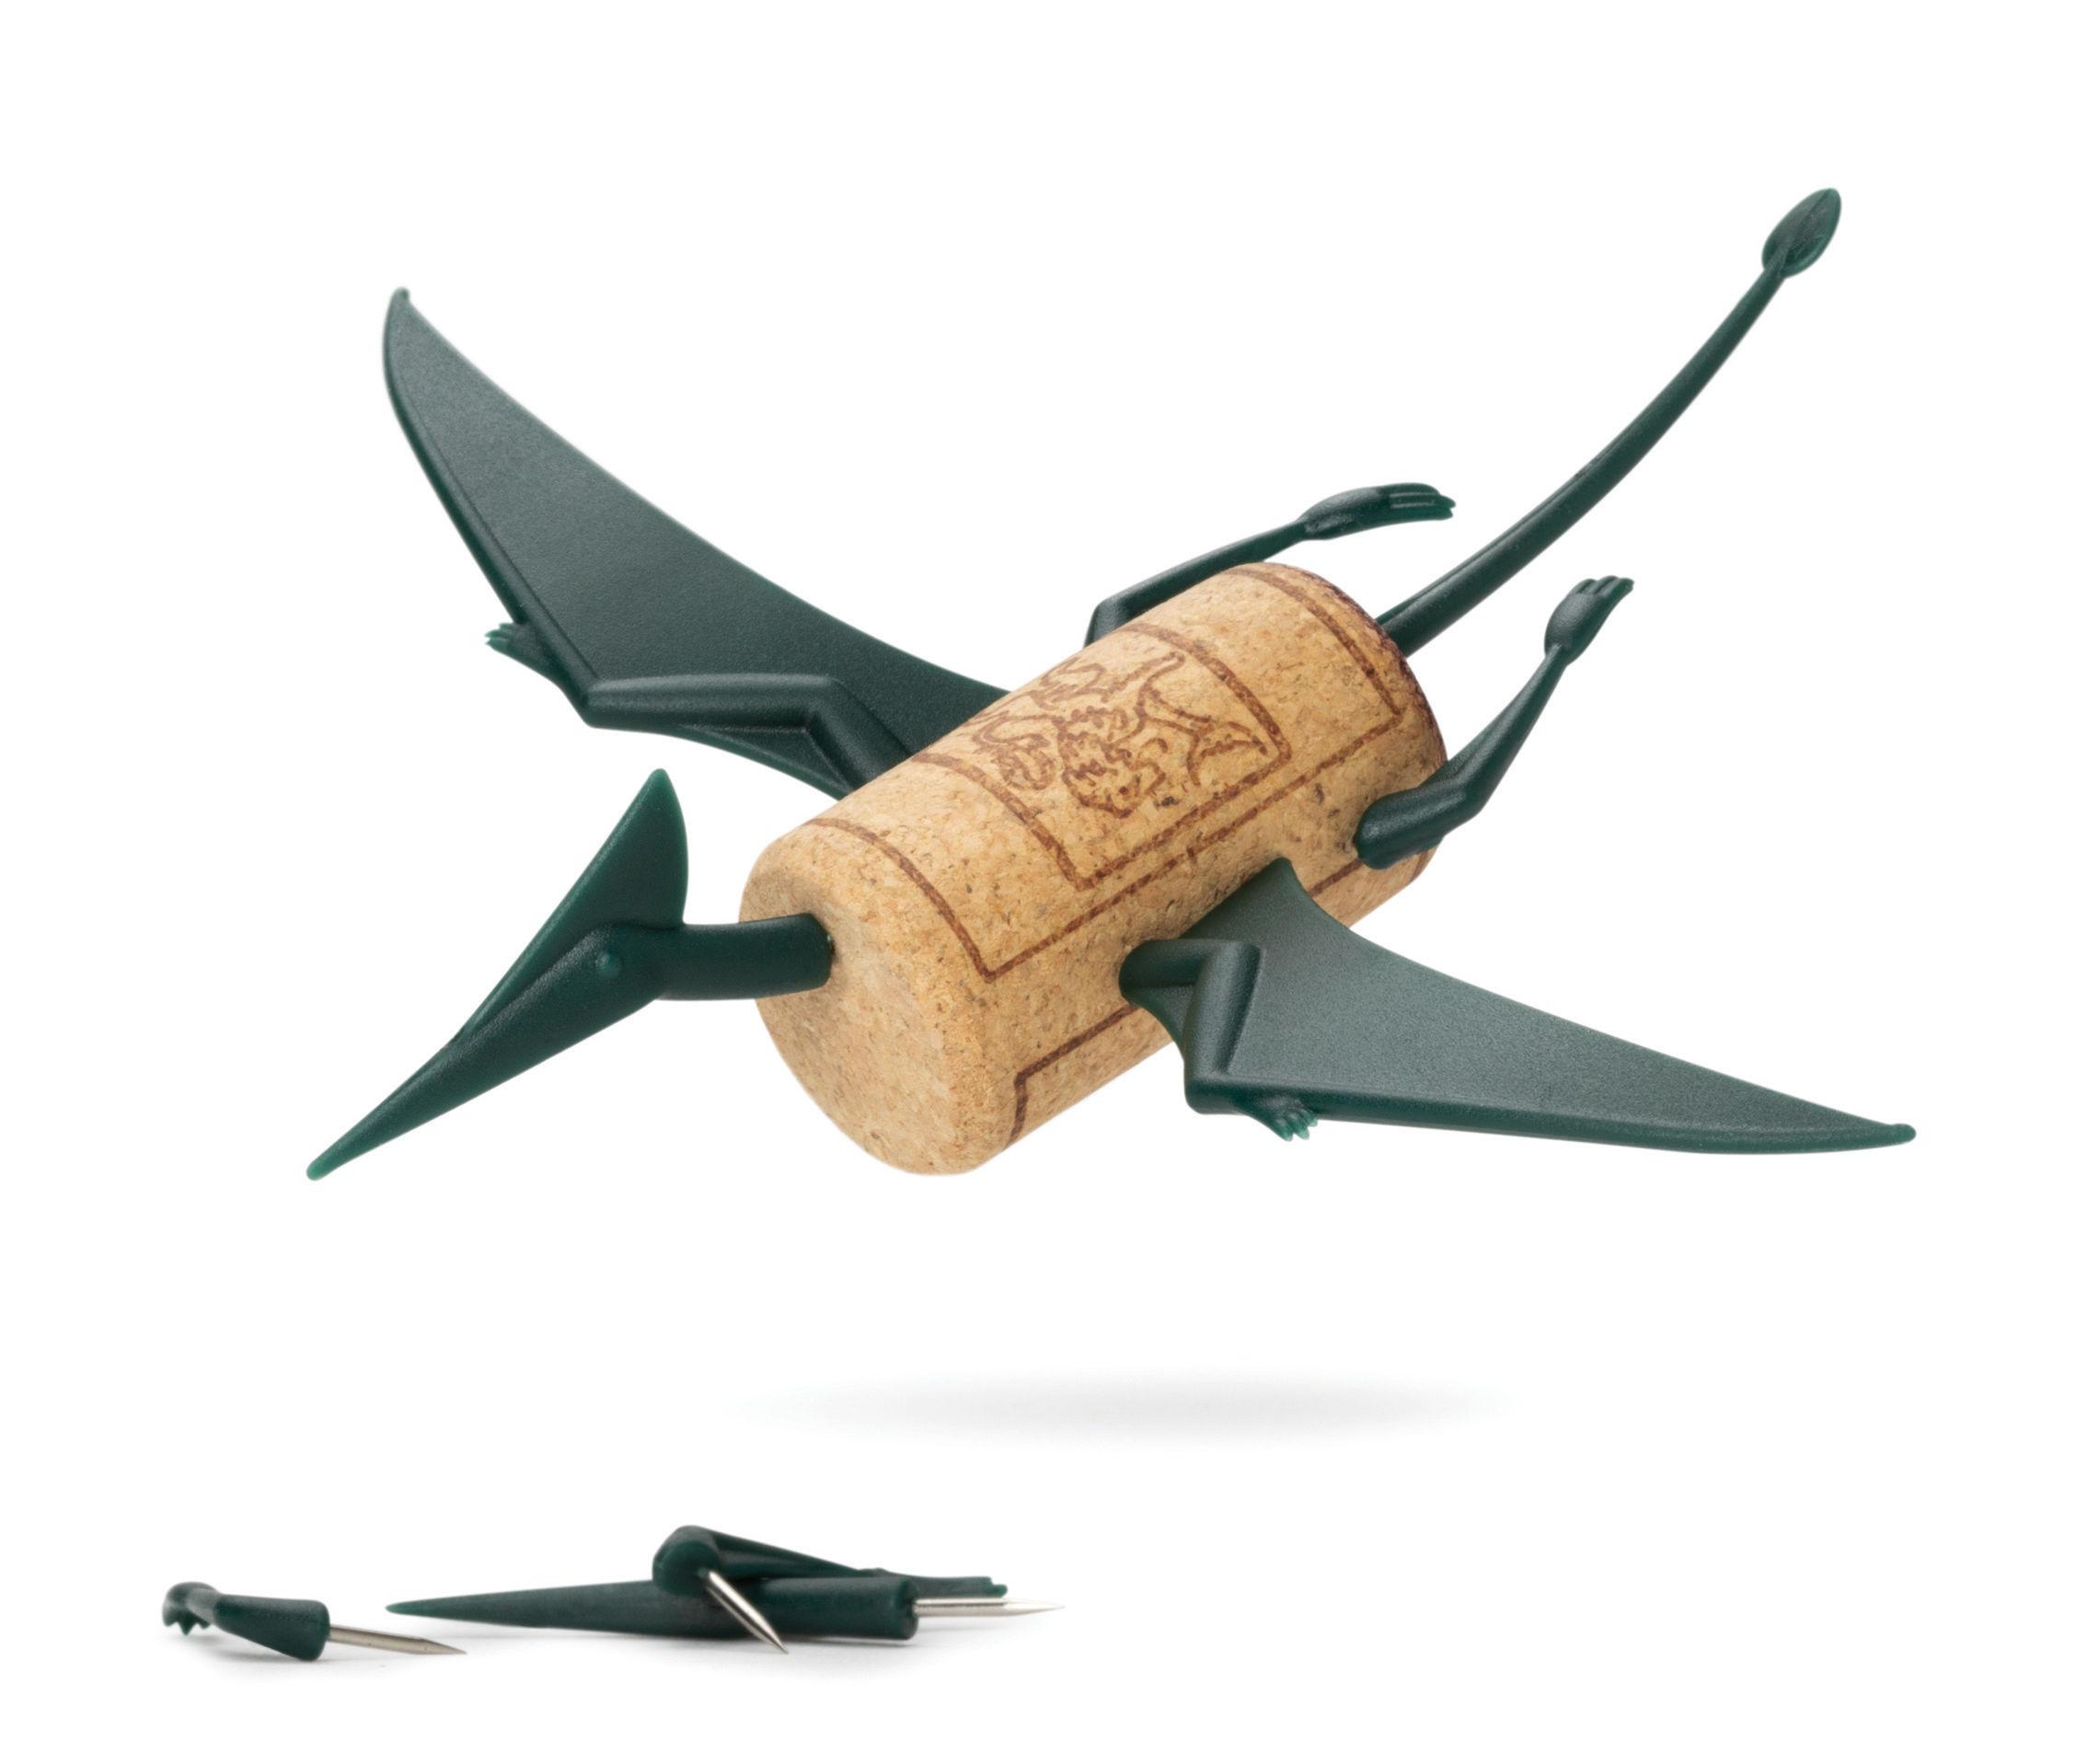 Déco - Pour les enfants - Décoration Corkers Dinosaures / Pour bouchon en liège - Pa Design - Storm / Vert foncé - Polycarbonate